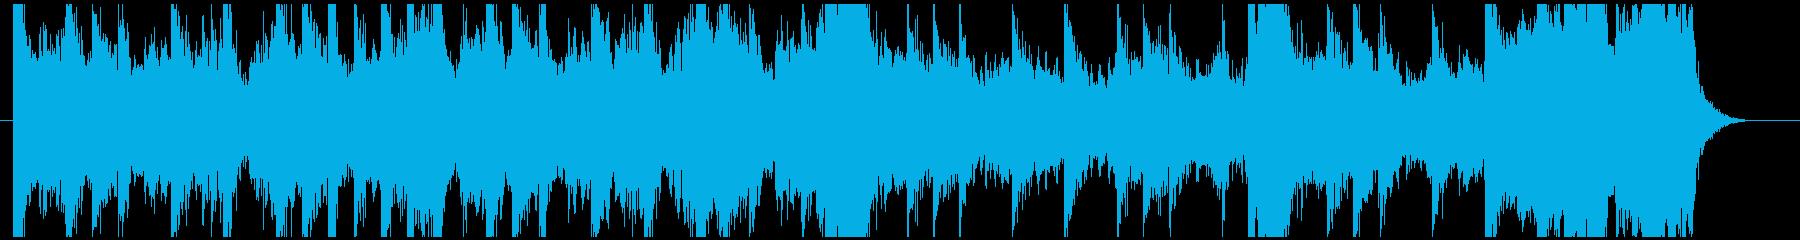 壮大な雰囲気のゲーム向けBGMの再生済みの波形